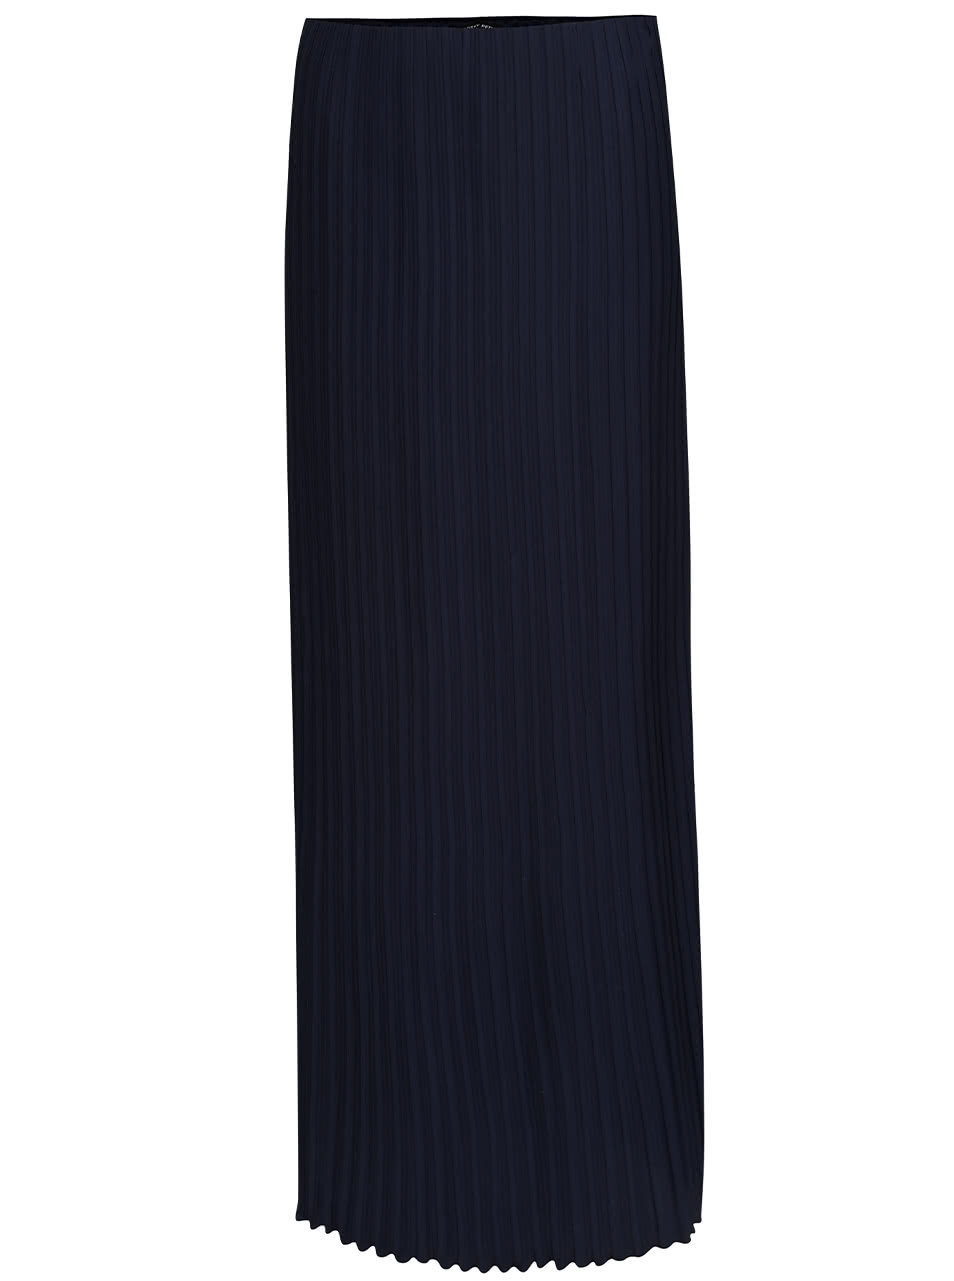 7a5bde0b6f34 Tmavomodrá dlhá plisovaná sukňa Dorothy Perkins ...